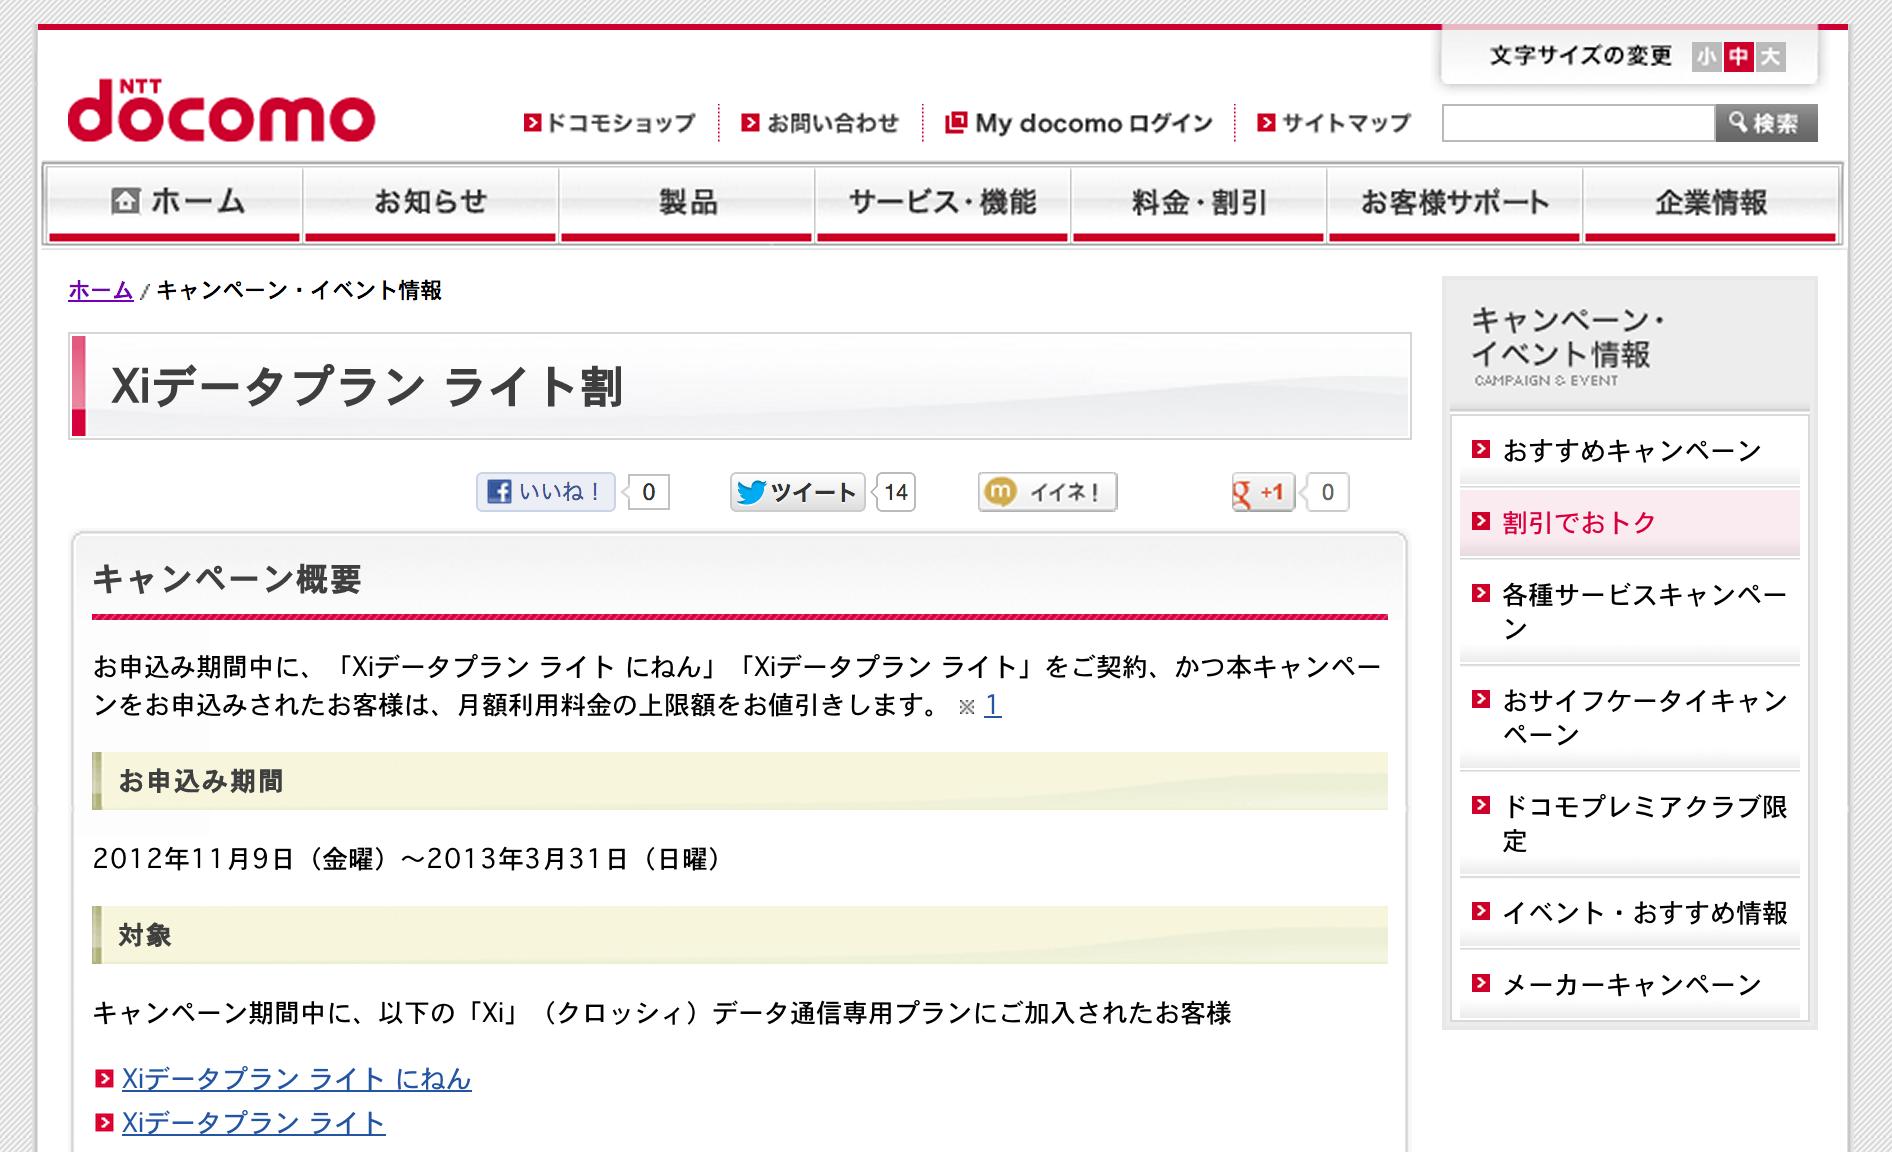 ドコモ、「Xiデータプランライト」の料金を永年955円割引するキャンペーンを実施。